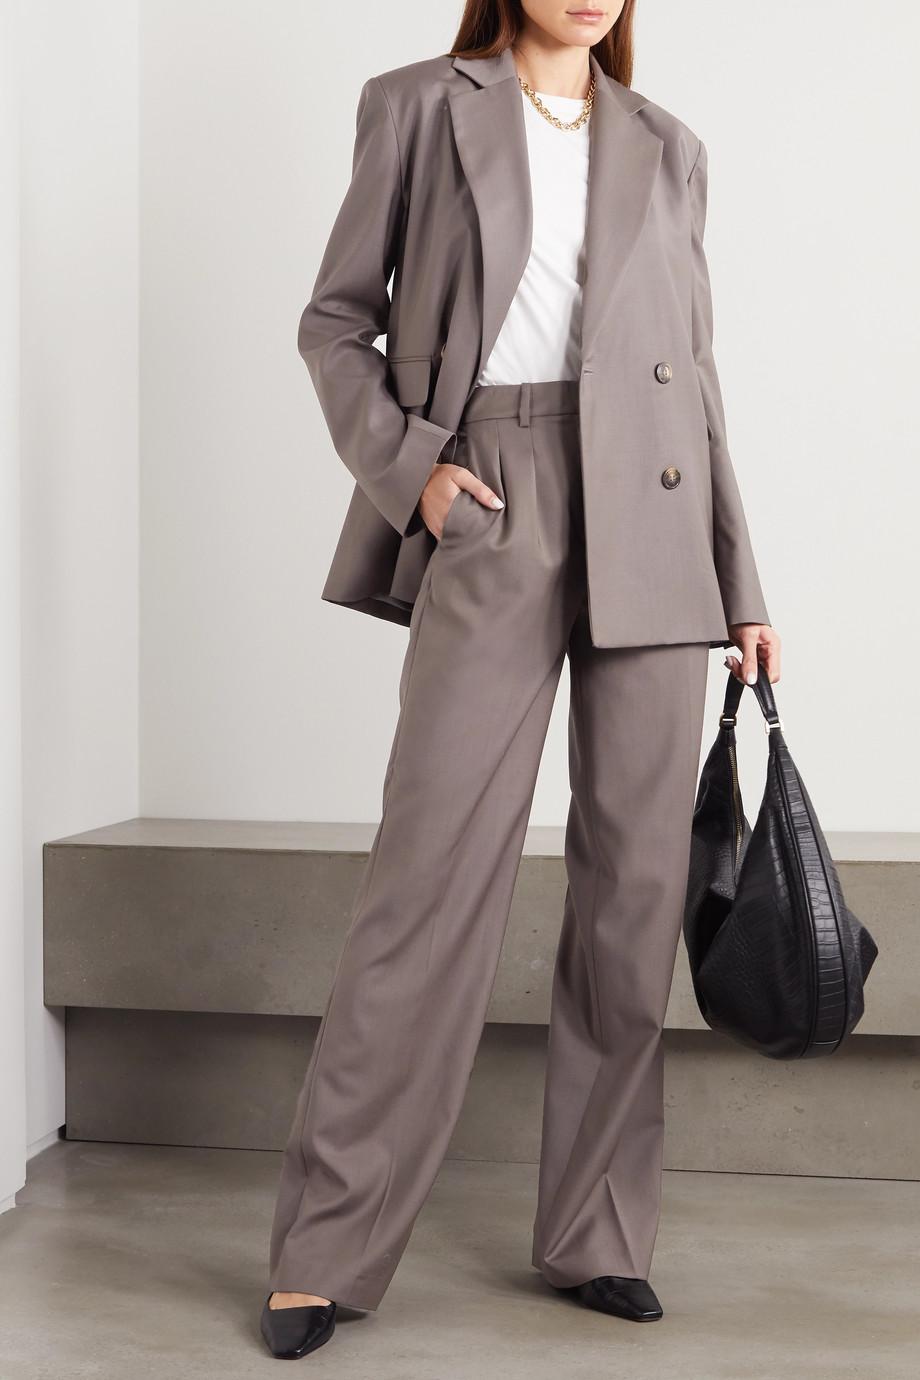 LOULOU STUDIO Tatakoto doppelreihiger Blazer aus Wolle